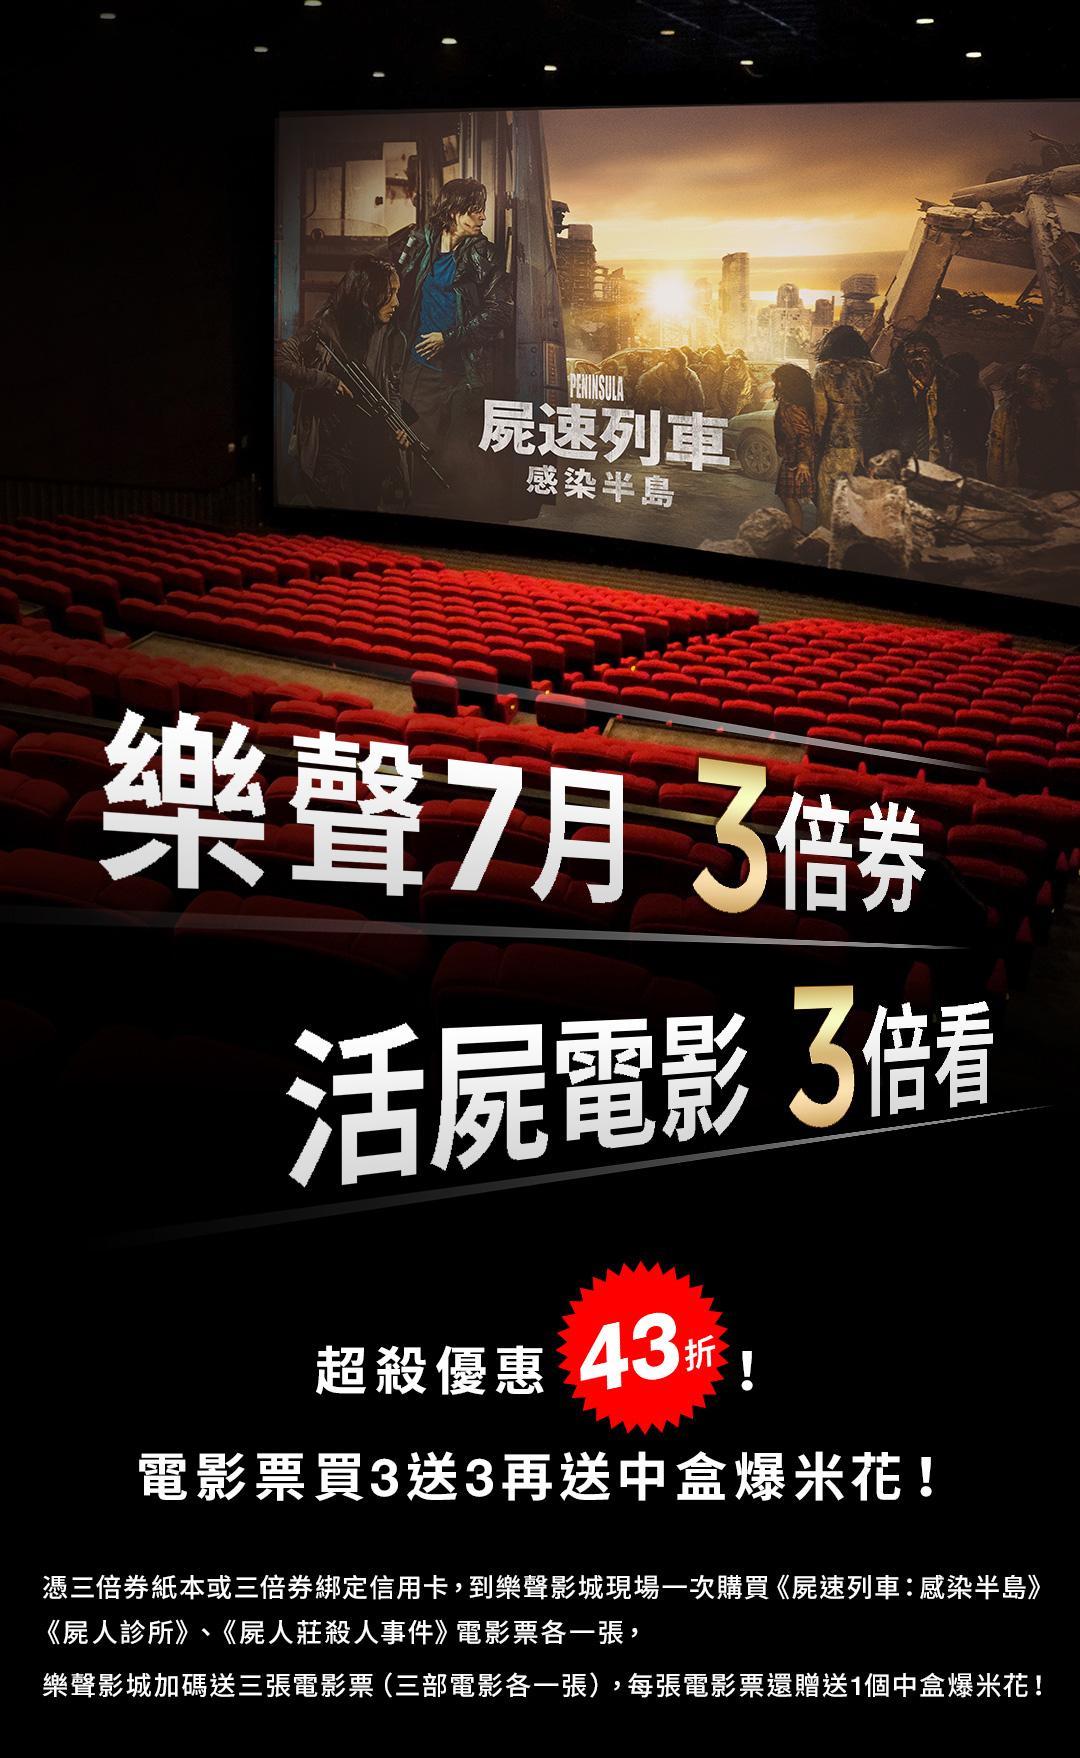 樂聲7月3倍券 超殺優惠43折   樂聲影城 LUX CINEMA!